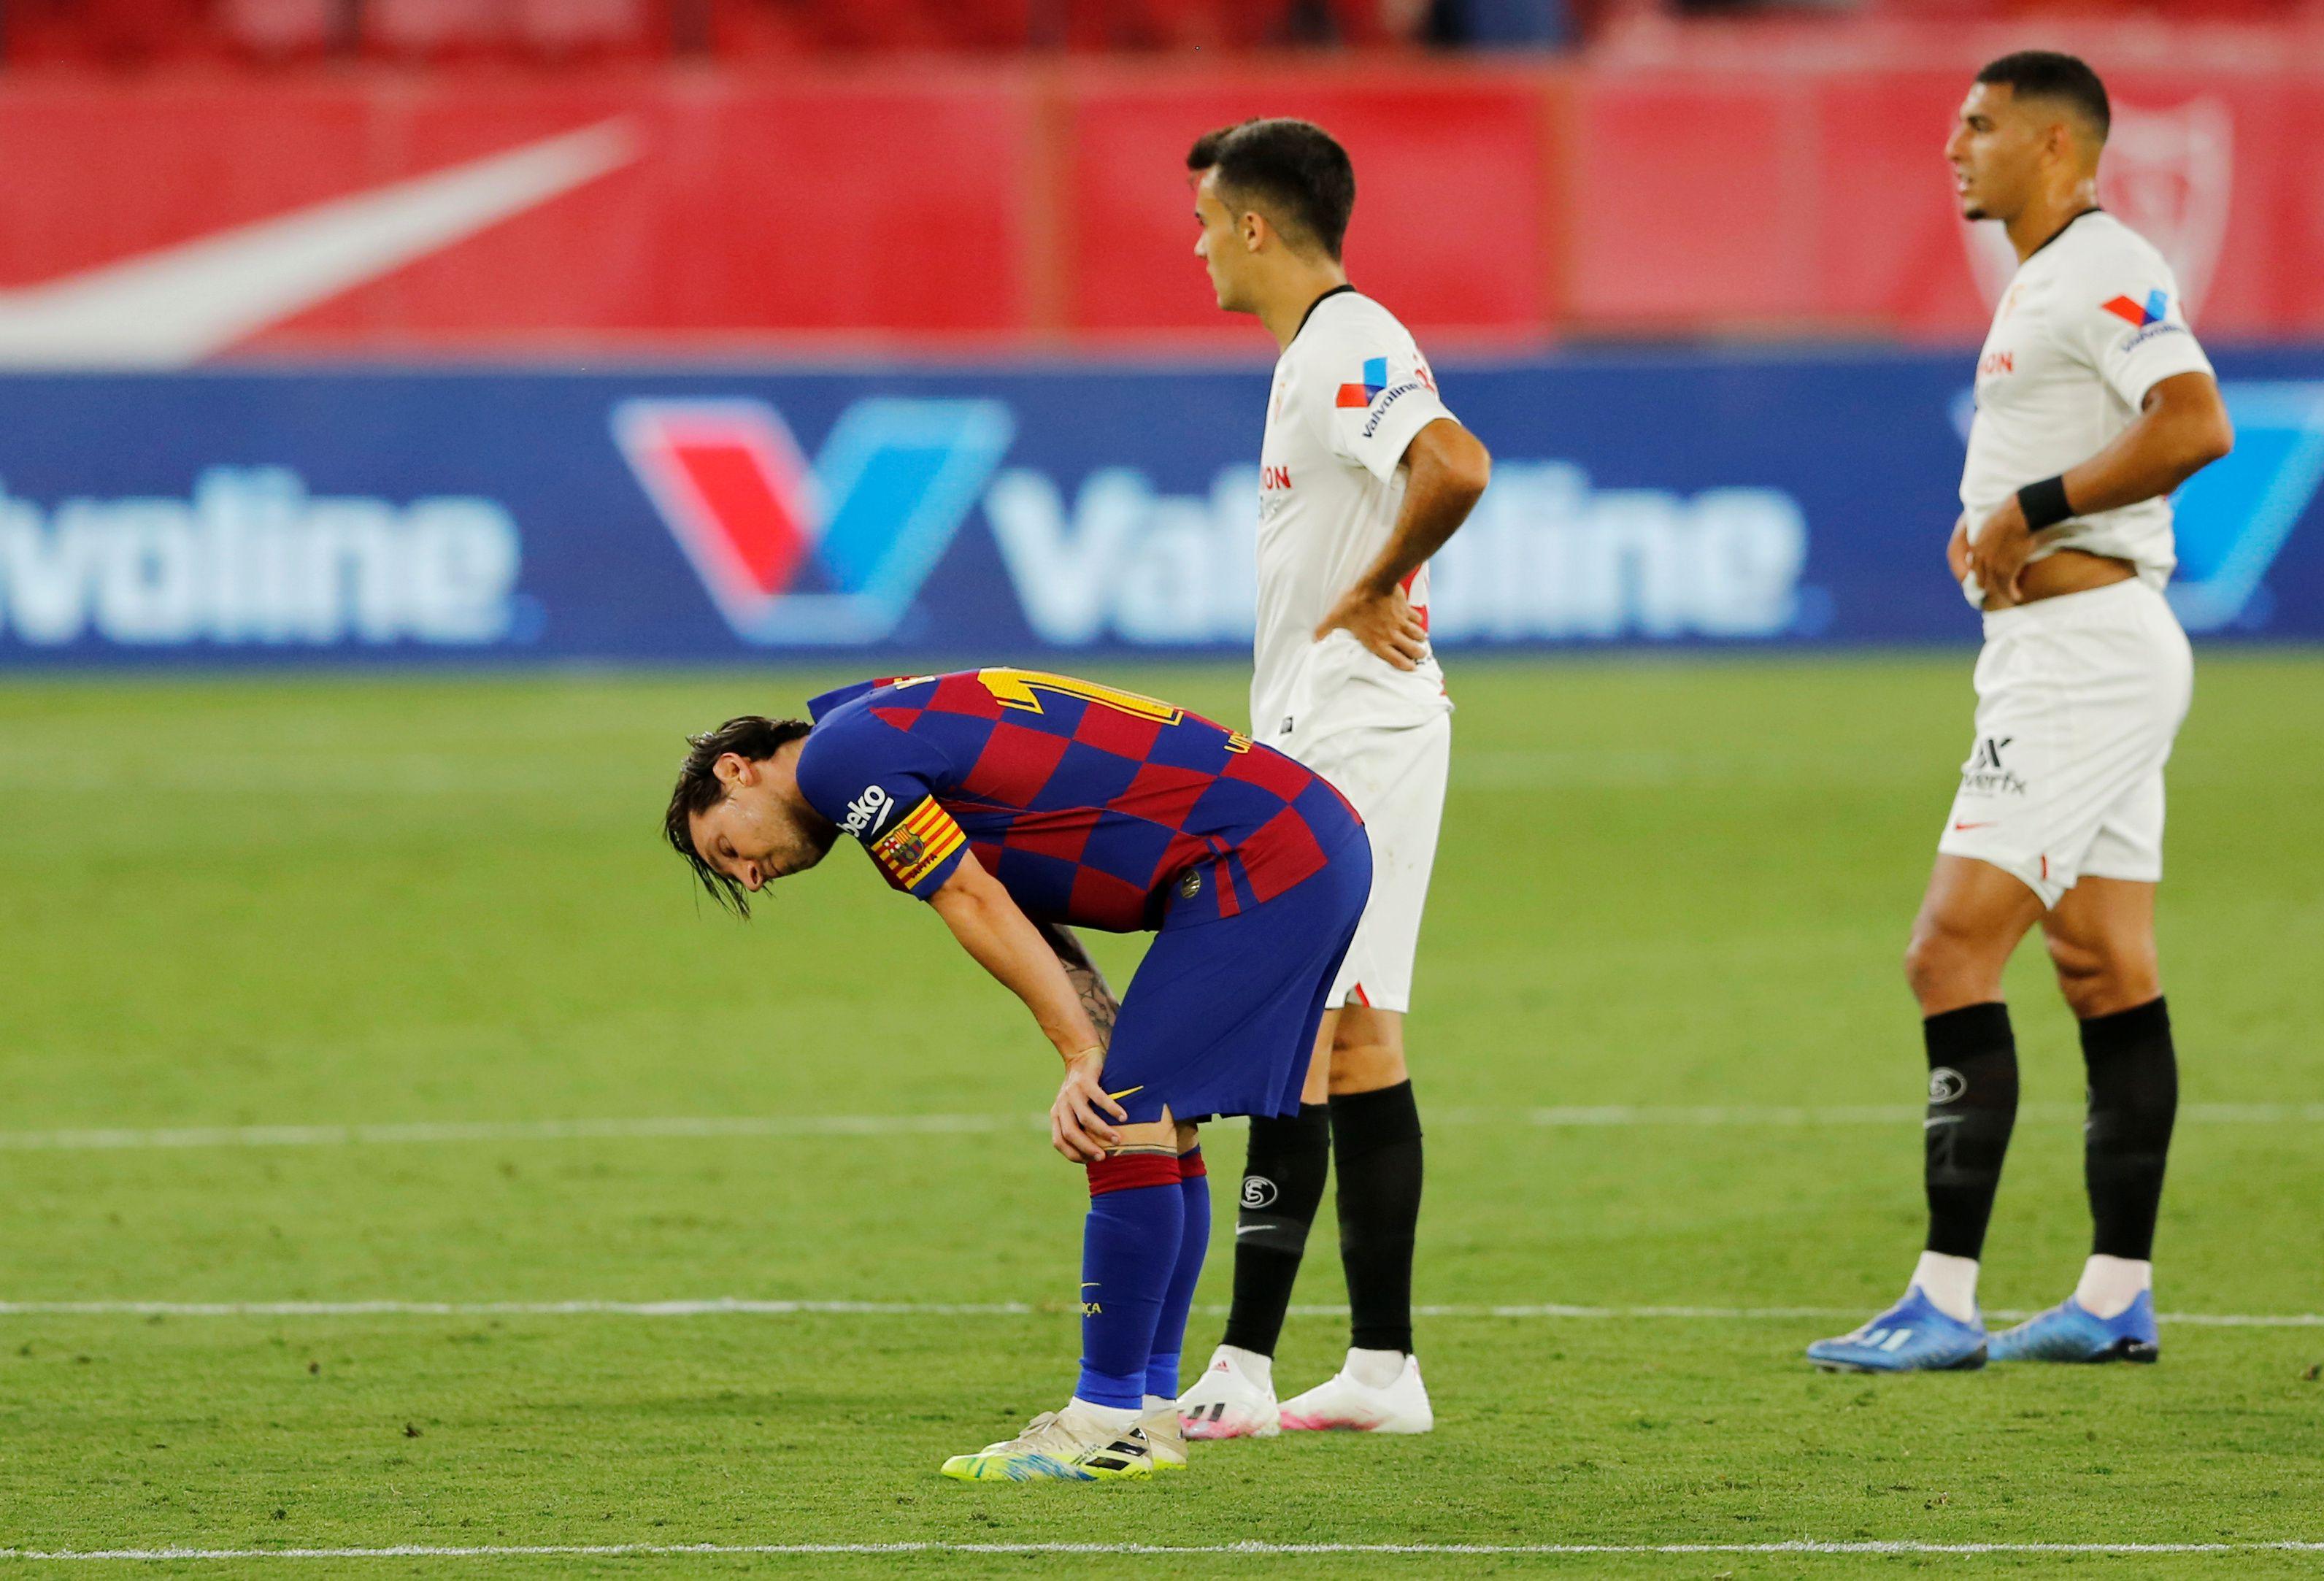 En junio de este año se enfrentó por última vez al Sevilla (Foto: Reuters)